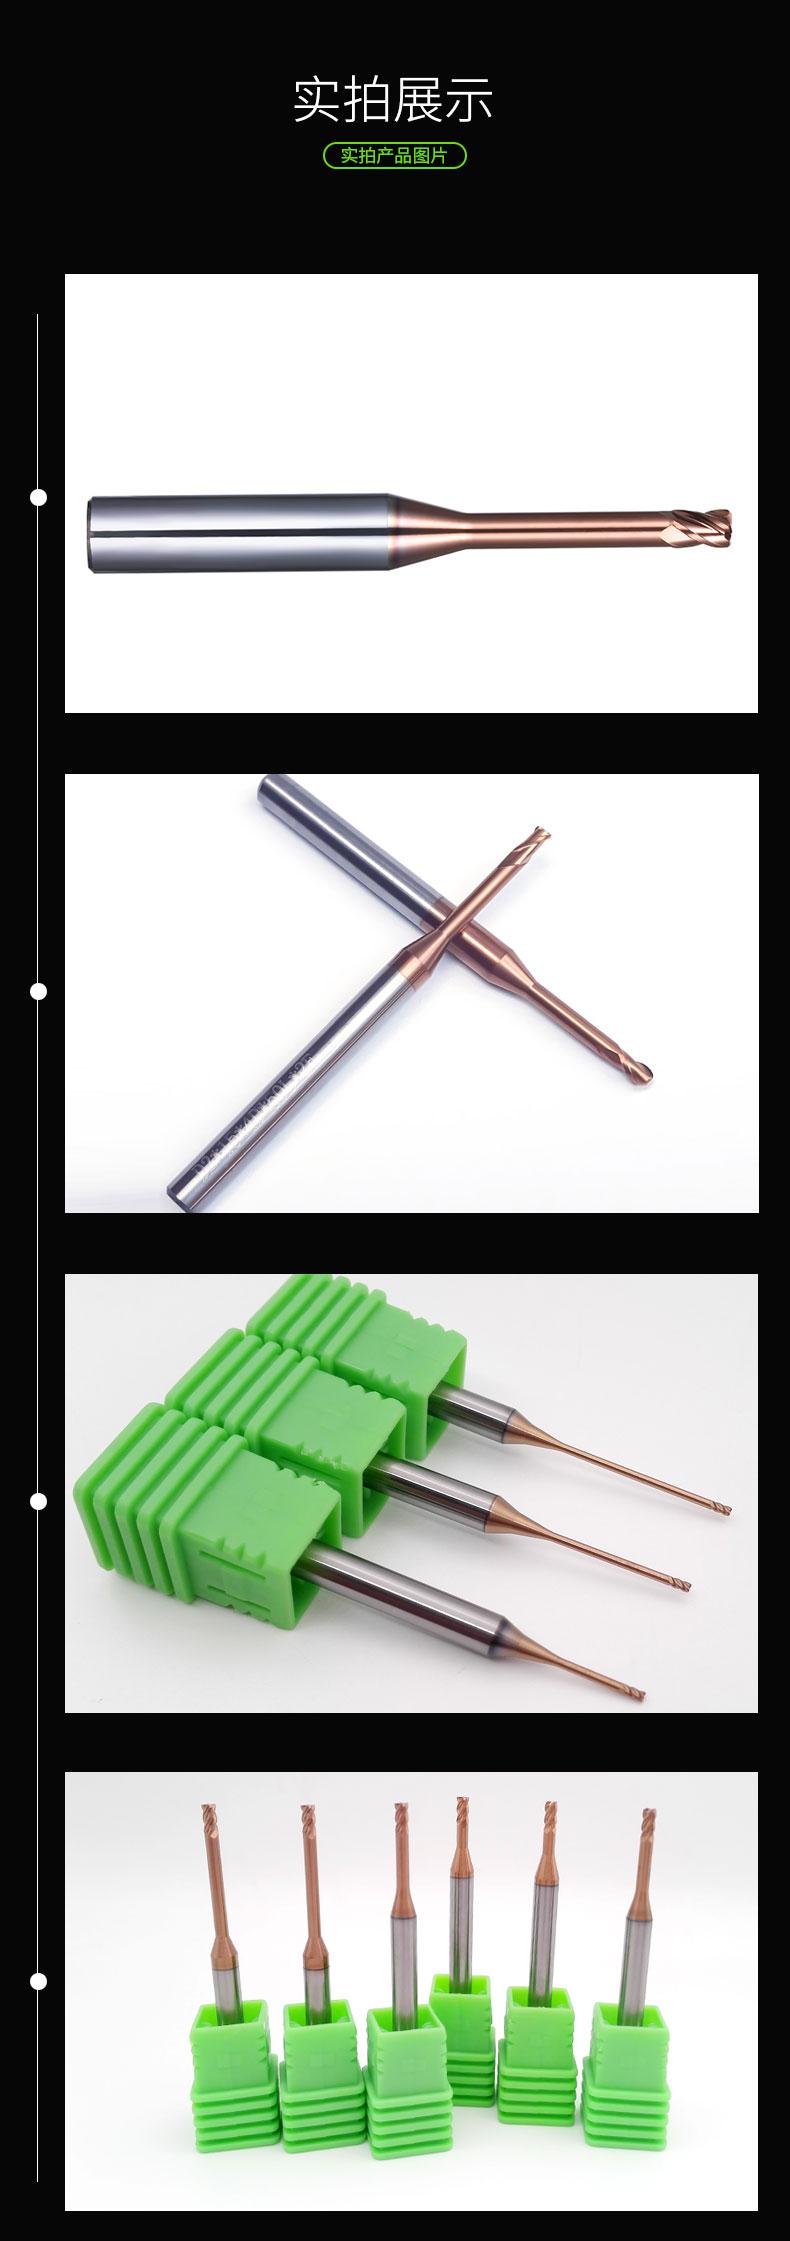 适用于不锈钢模具钢预硬钢的四刃深沟圆鼻刀